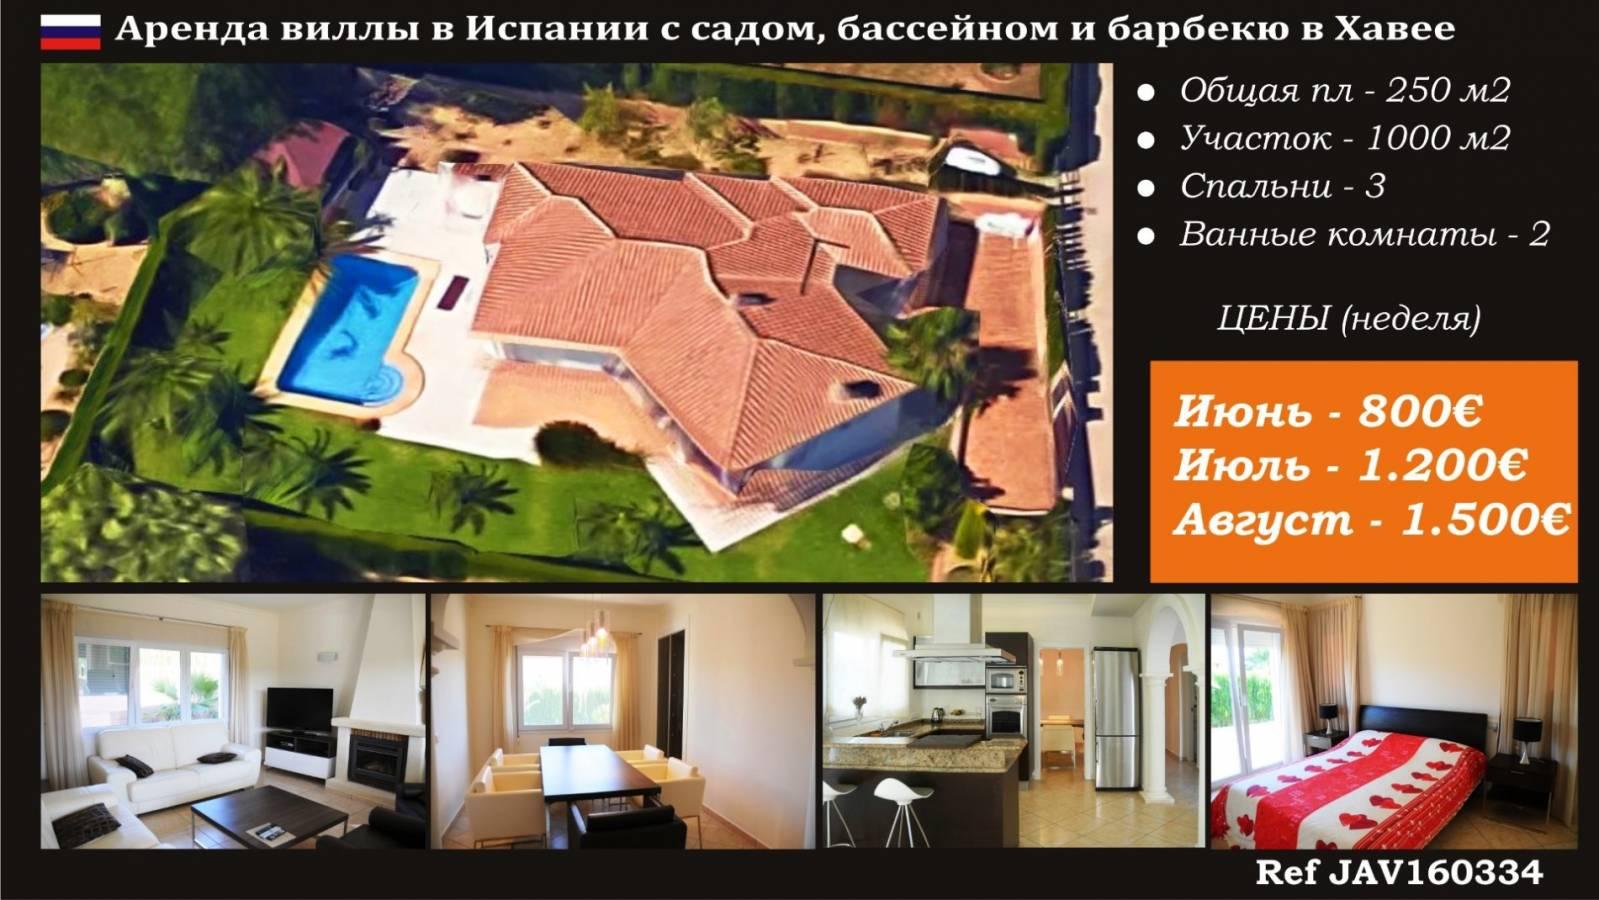 Купить дом в испании с бассейном и садом